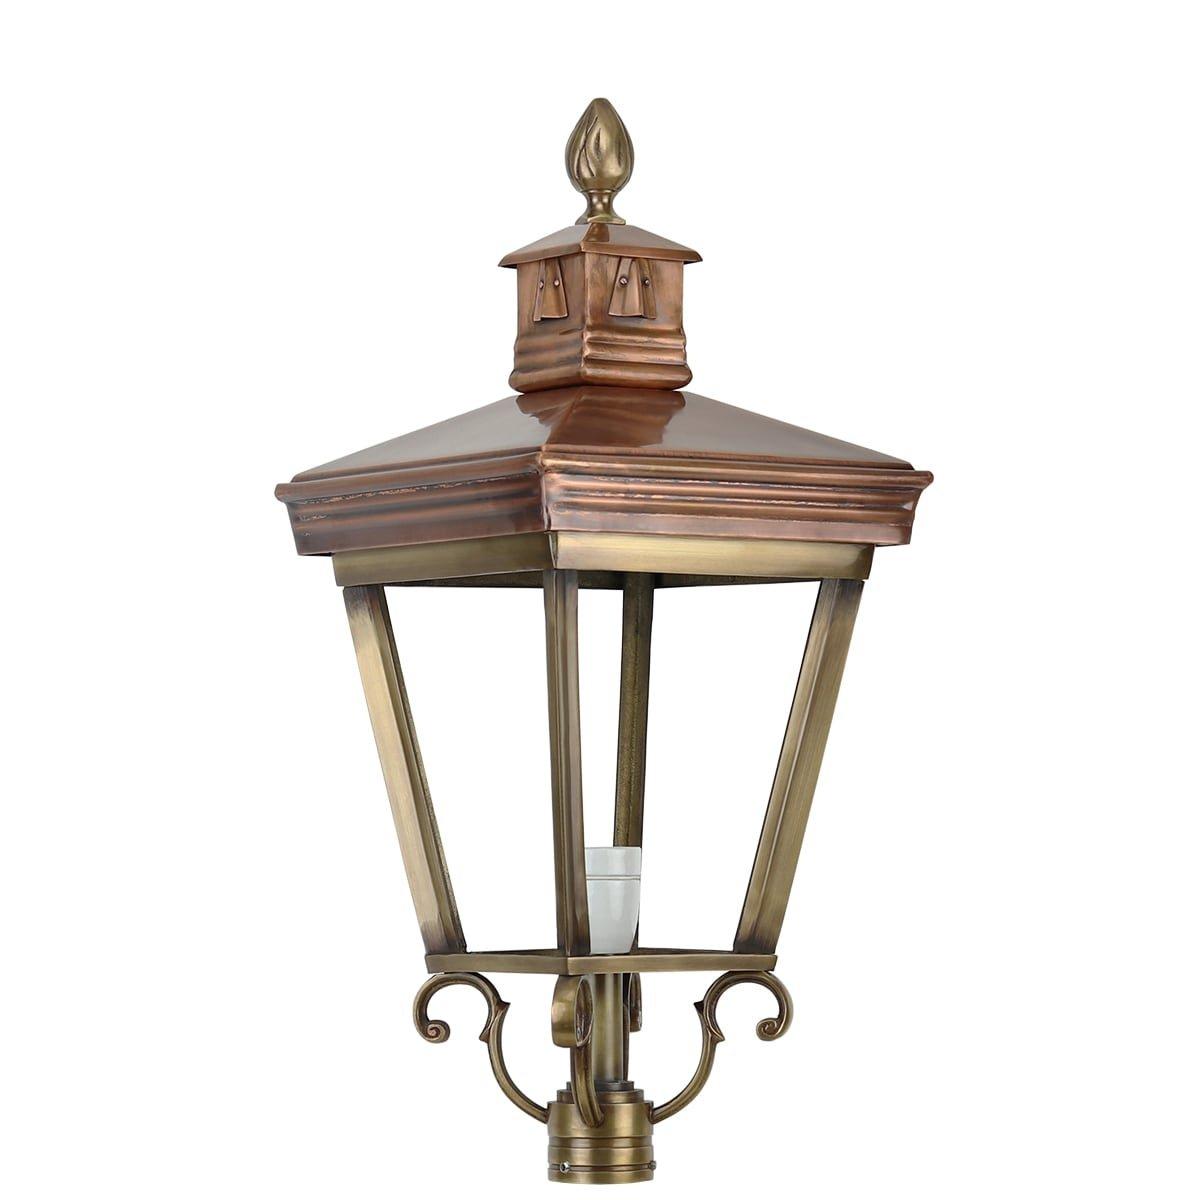 Außenbeleuchtung Klassisch Ländlich Einzelne lampenschirm bronze K23 - 70 cm